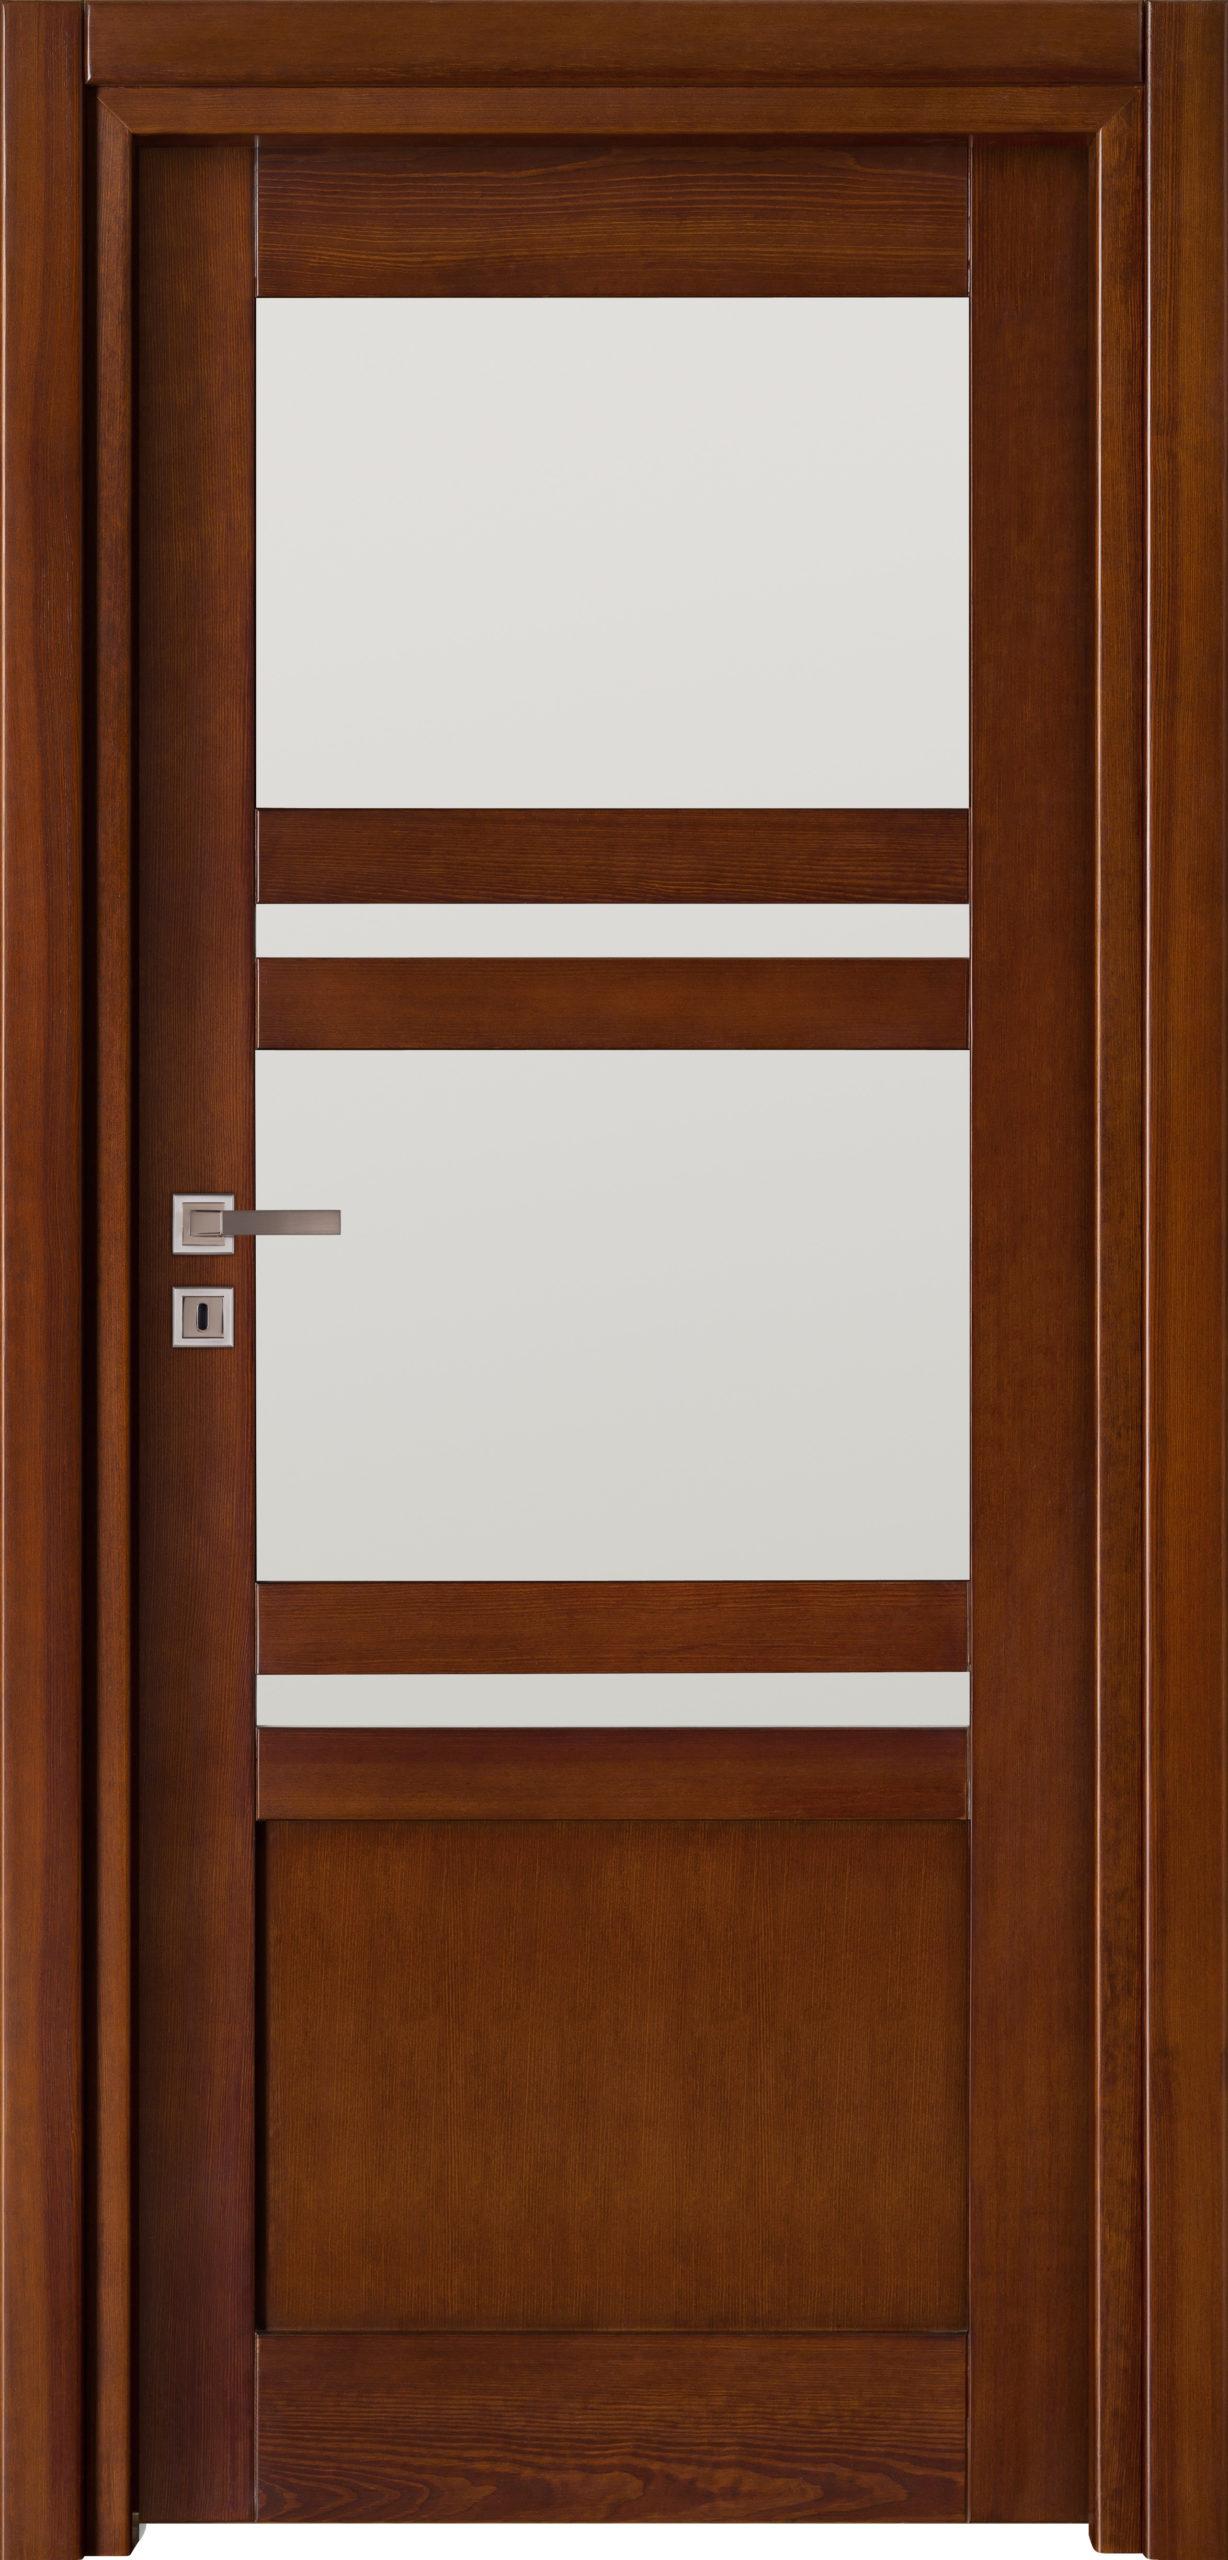 Tanger B2 - jesion - ciemny calvados - szklenie lacomat bezpieczny - ościeżnica przylgowa regulowana drewniana prosta (IIa)